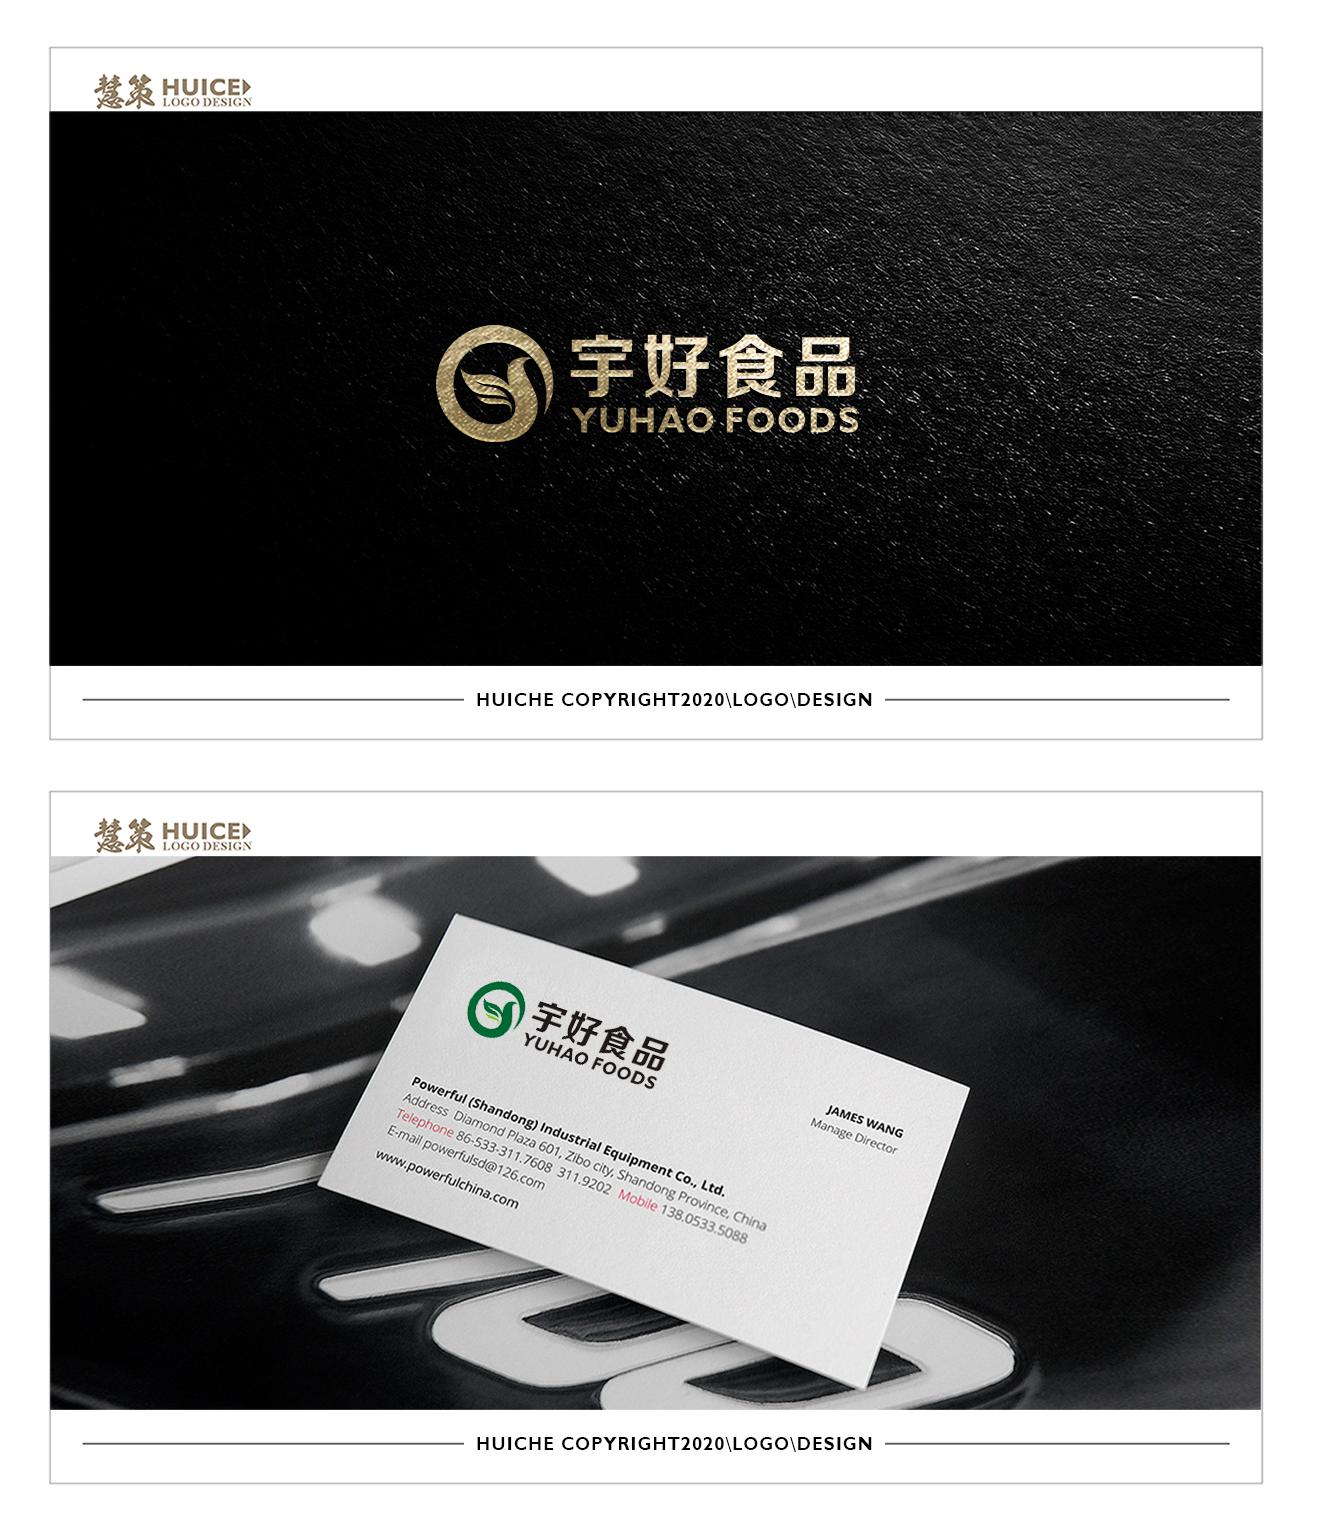 四川宇好食品有限公司LOGO和名片设计_3036219_k68威客网